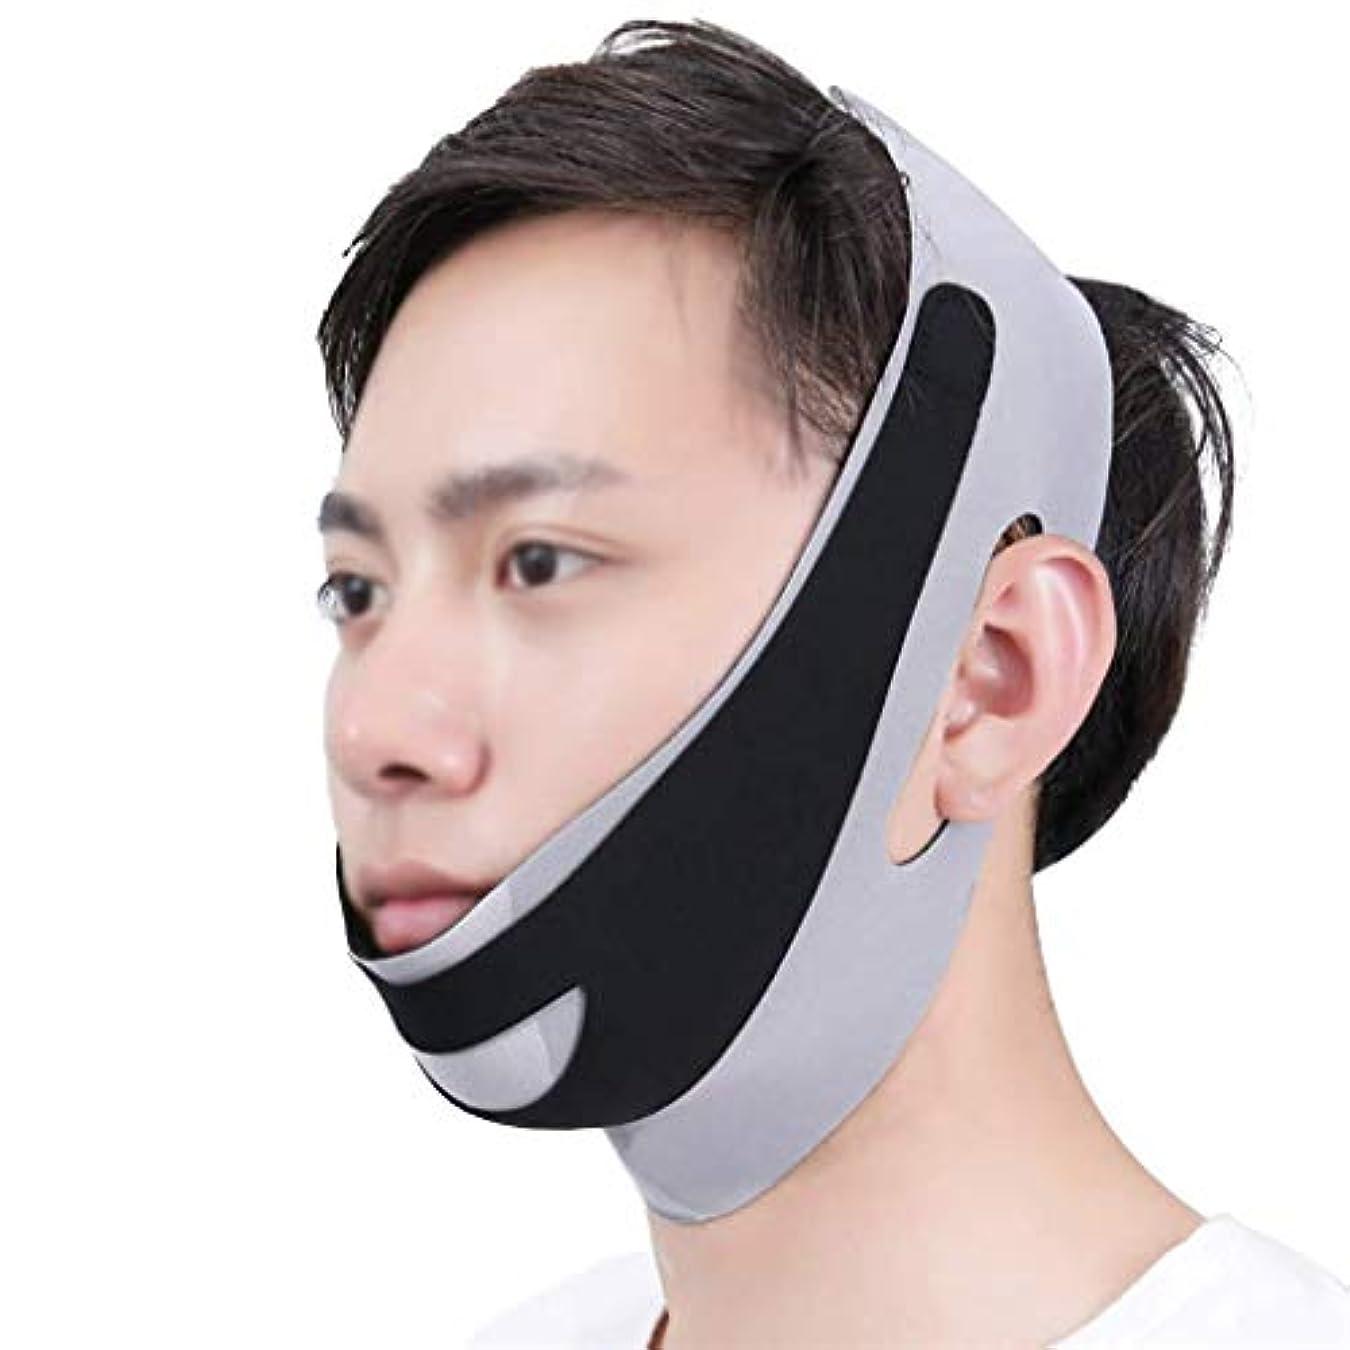 クリープうまれた信者顔と首のリフト術後の弾性フェイスマスク小さなV顔アーティファクト薄い顔包帯アーティファクトV顔ぶら下げ耳リフティング引き締め男性の顔アーティファクト